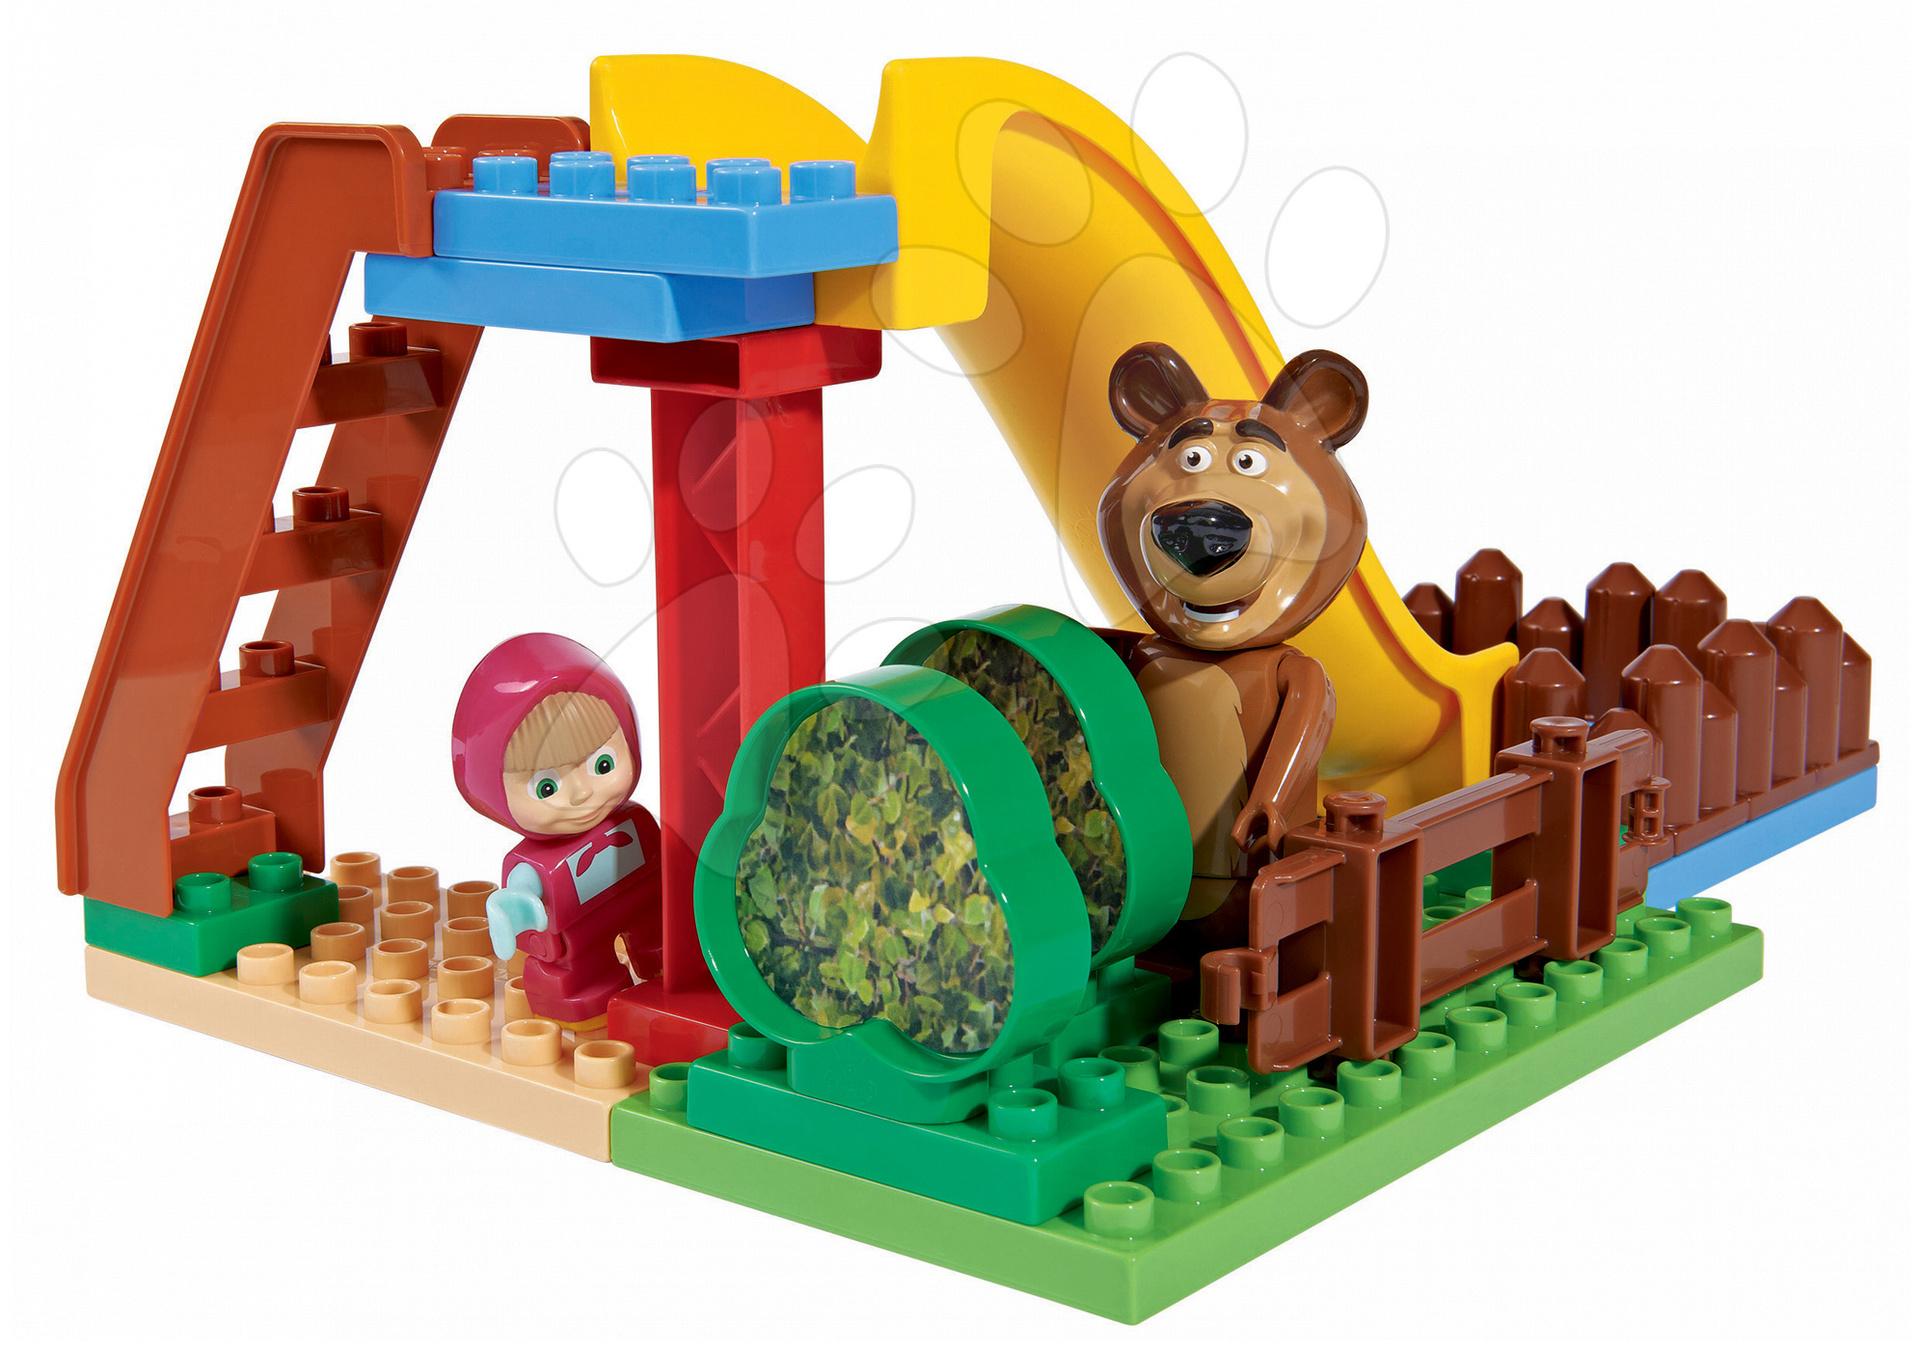 Stavebnice BIG-Bloxx ako lego - Stavebnica Máša a medveď na šmykľavke PlayBIG Bloxx BIG s 2 figúrkami 29 dielov od 1,5-5 rokov